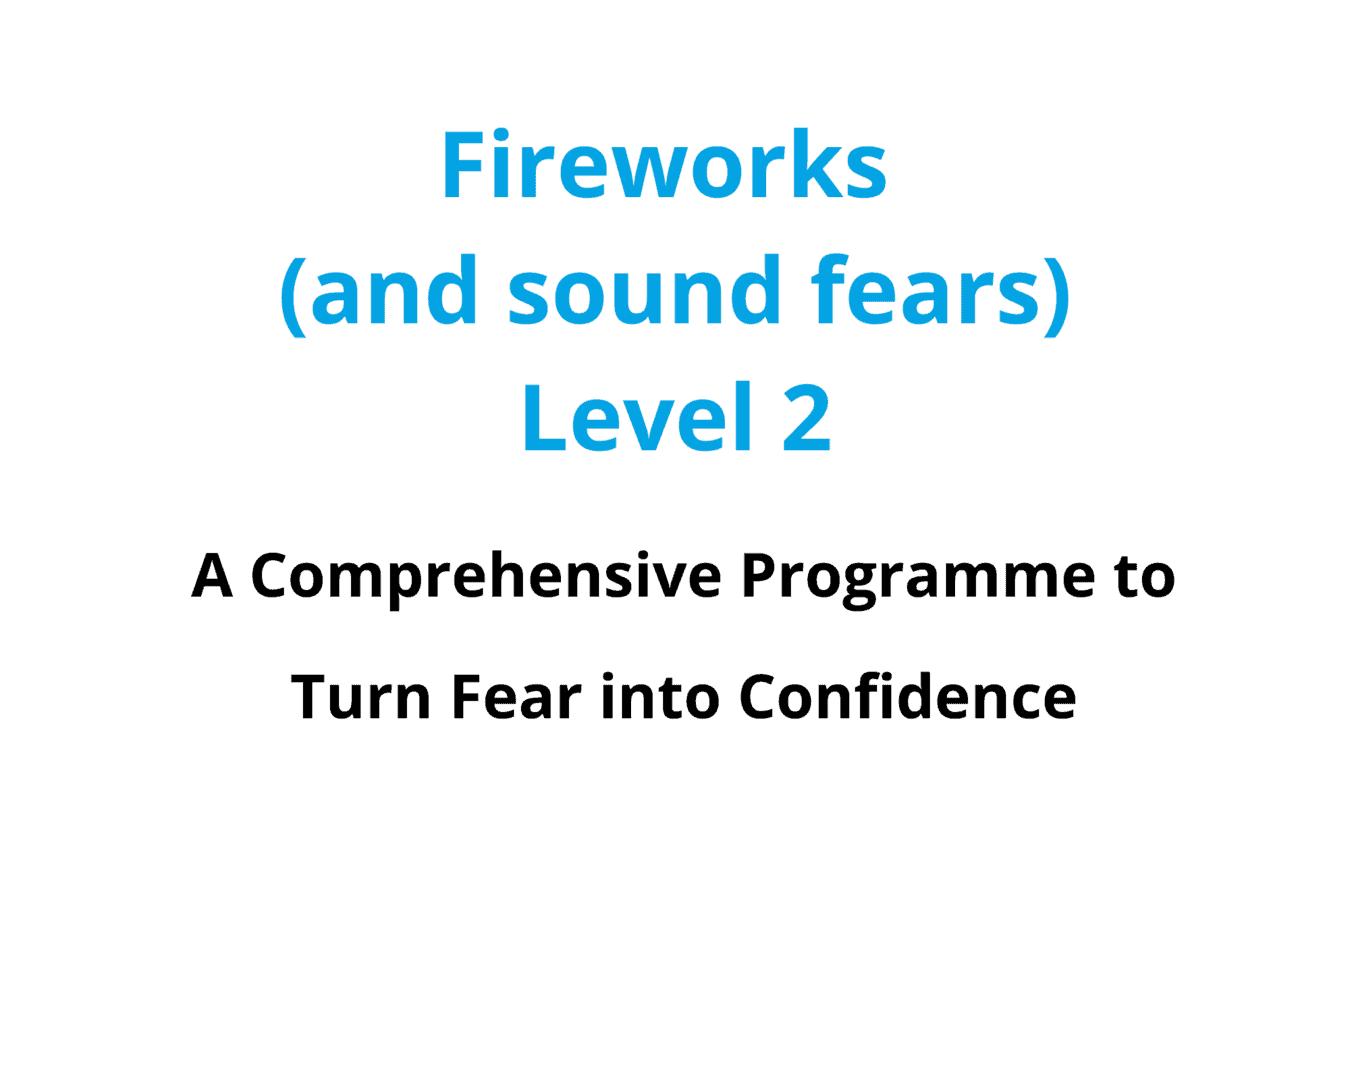 Fireworks2_Hover.png